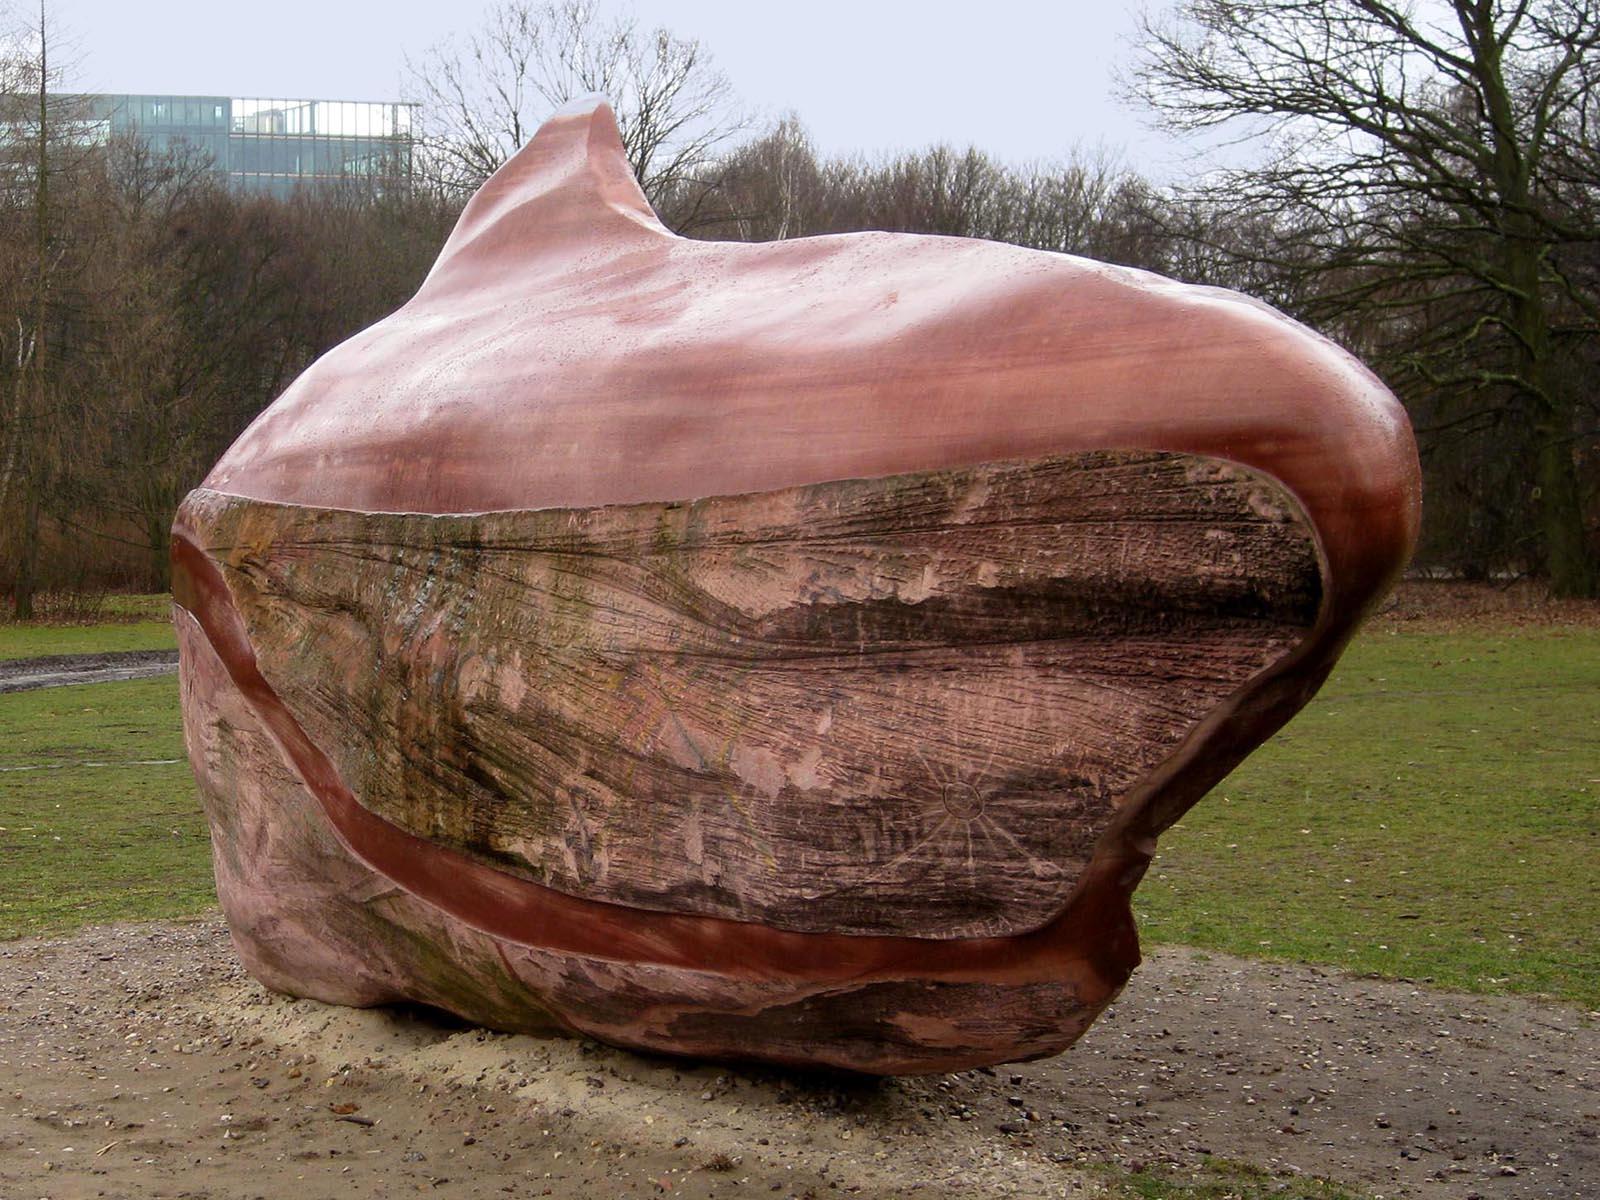 Pedra foi esculpida, polida e exposta como parte do projeto Global Stone em parque alemão